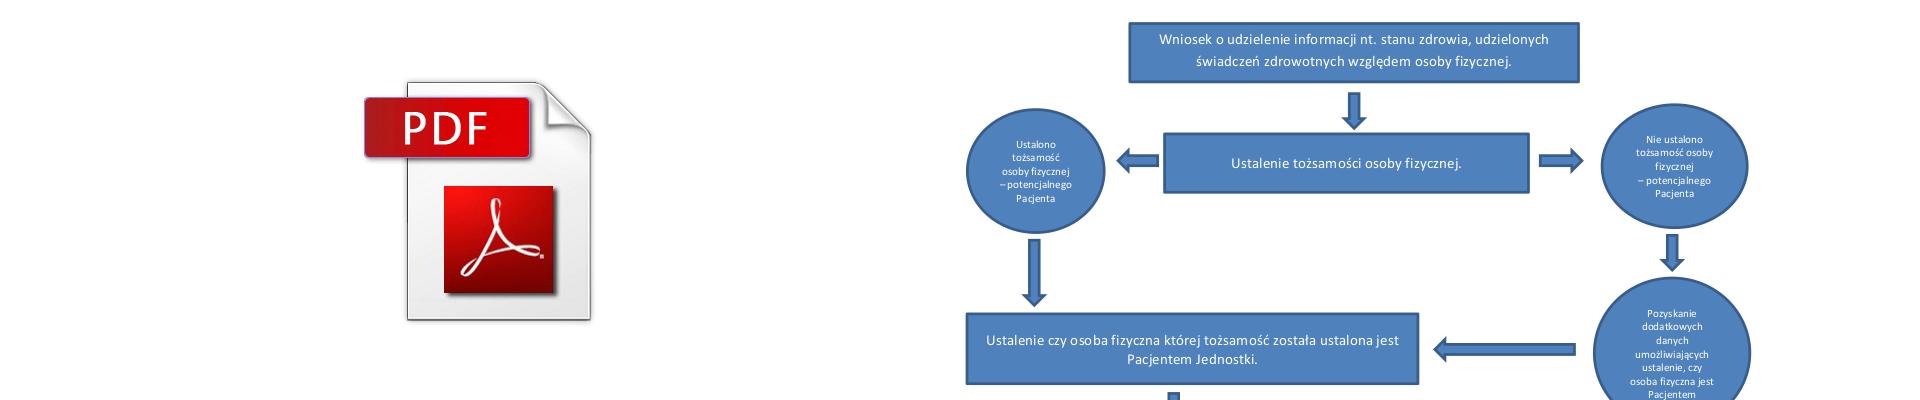 Procedura udzielania informacji w PWDL